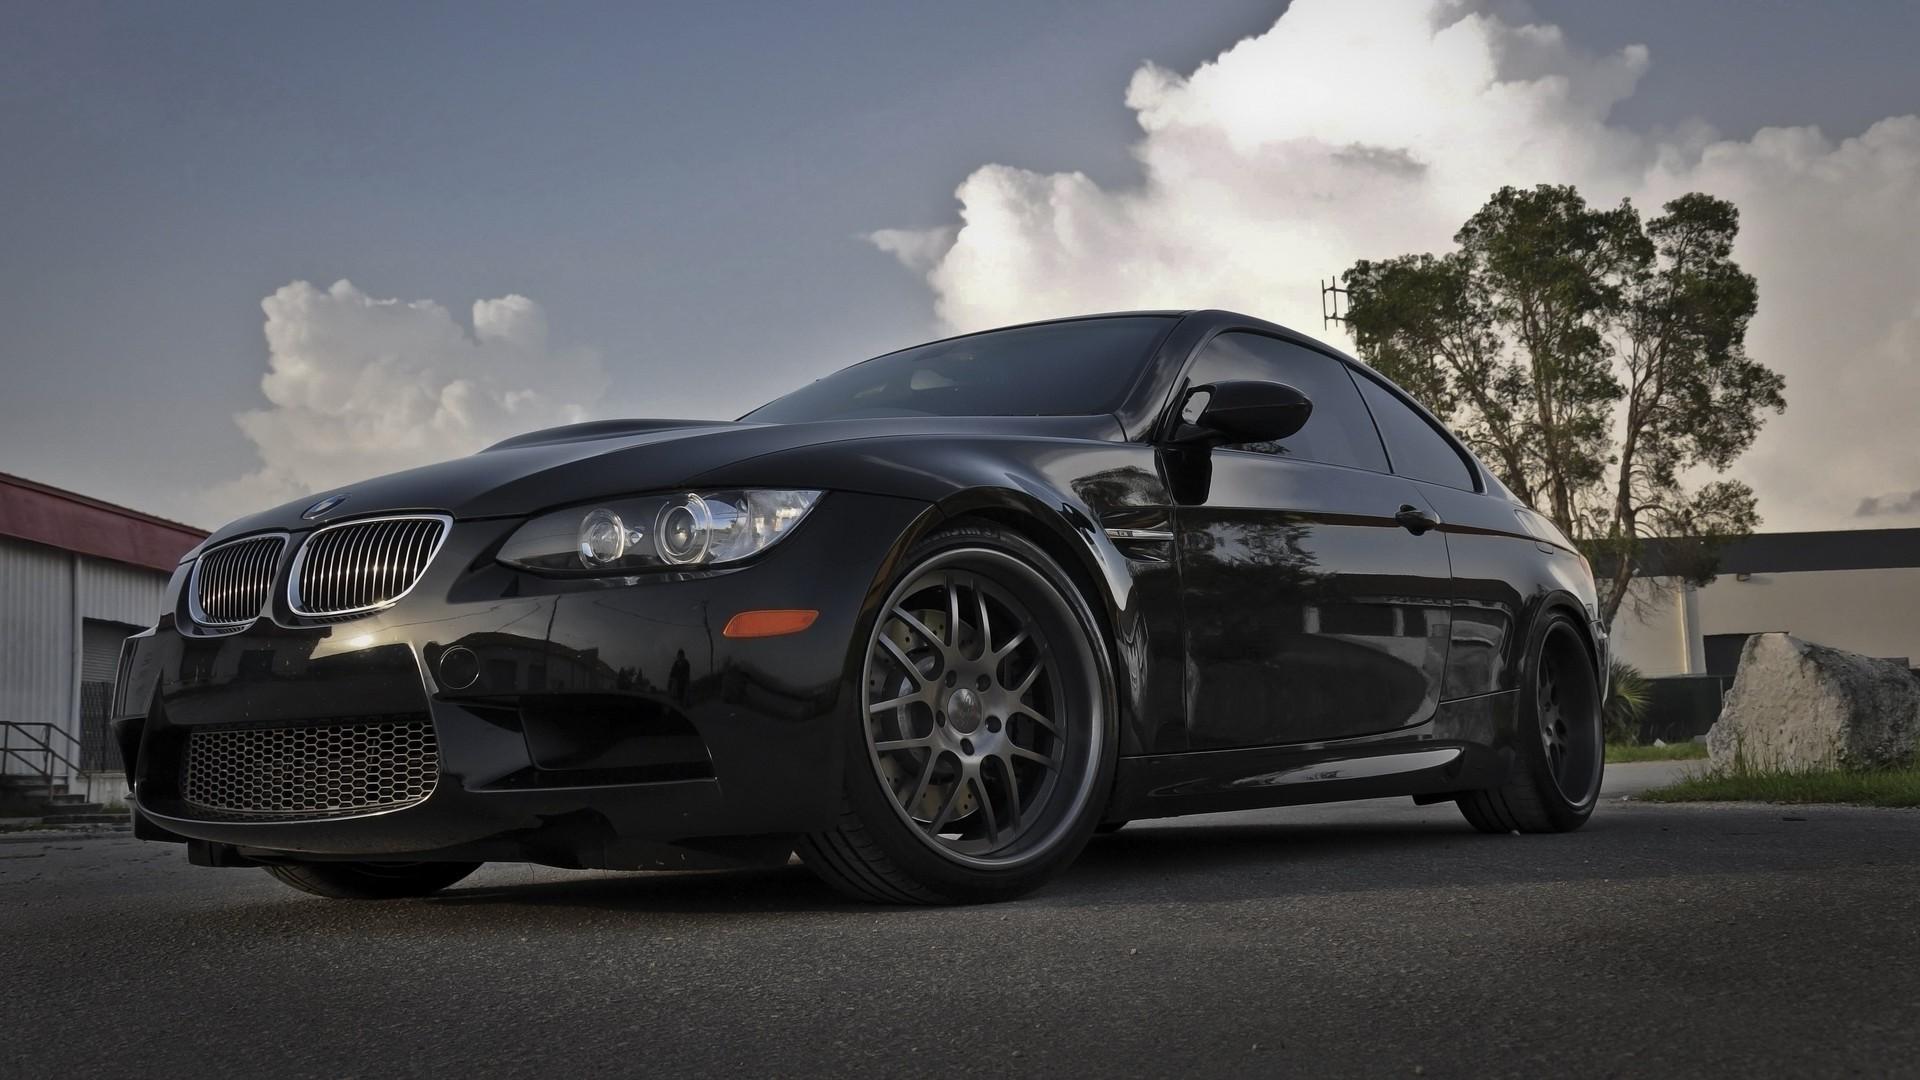 BMW M3 E92 wallpaper 3718 1920x1080